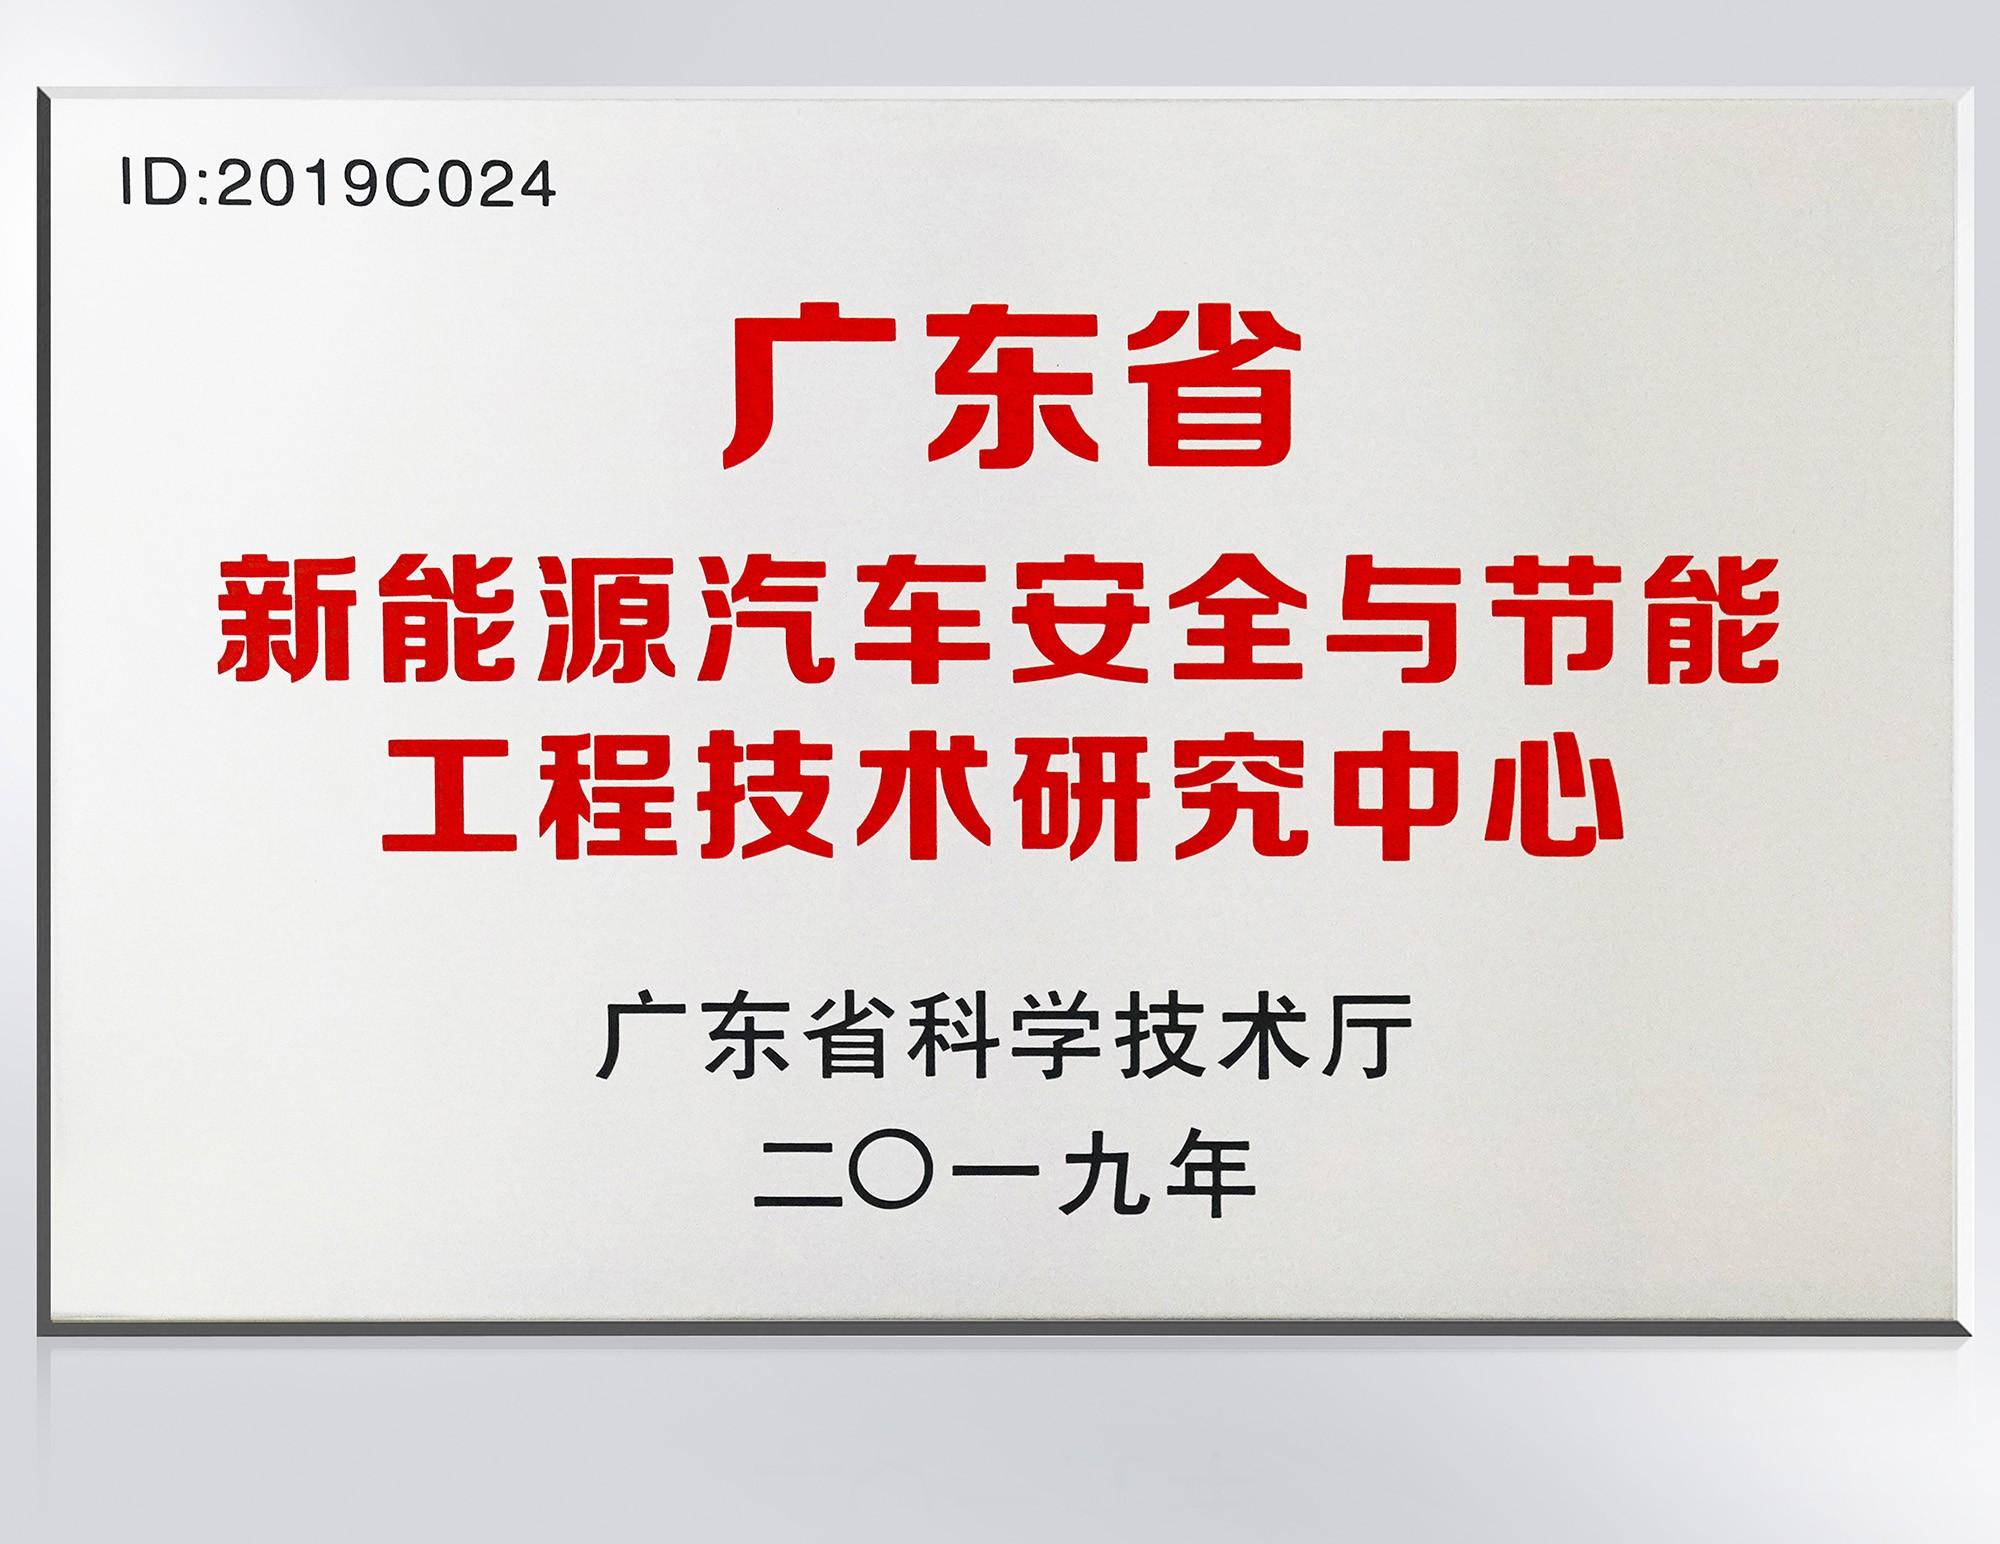 广东省雷竞技官网DOTA2,LOL,CSGO最佳电竞赛事竞猜汽车安全与节能工程技术研究中心